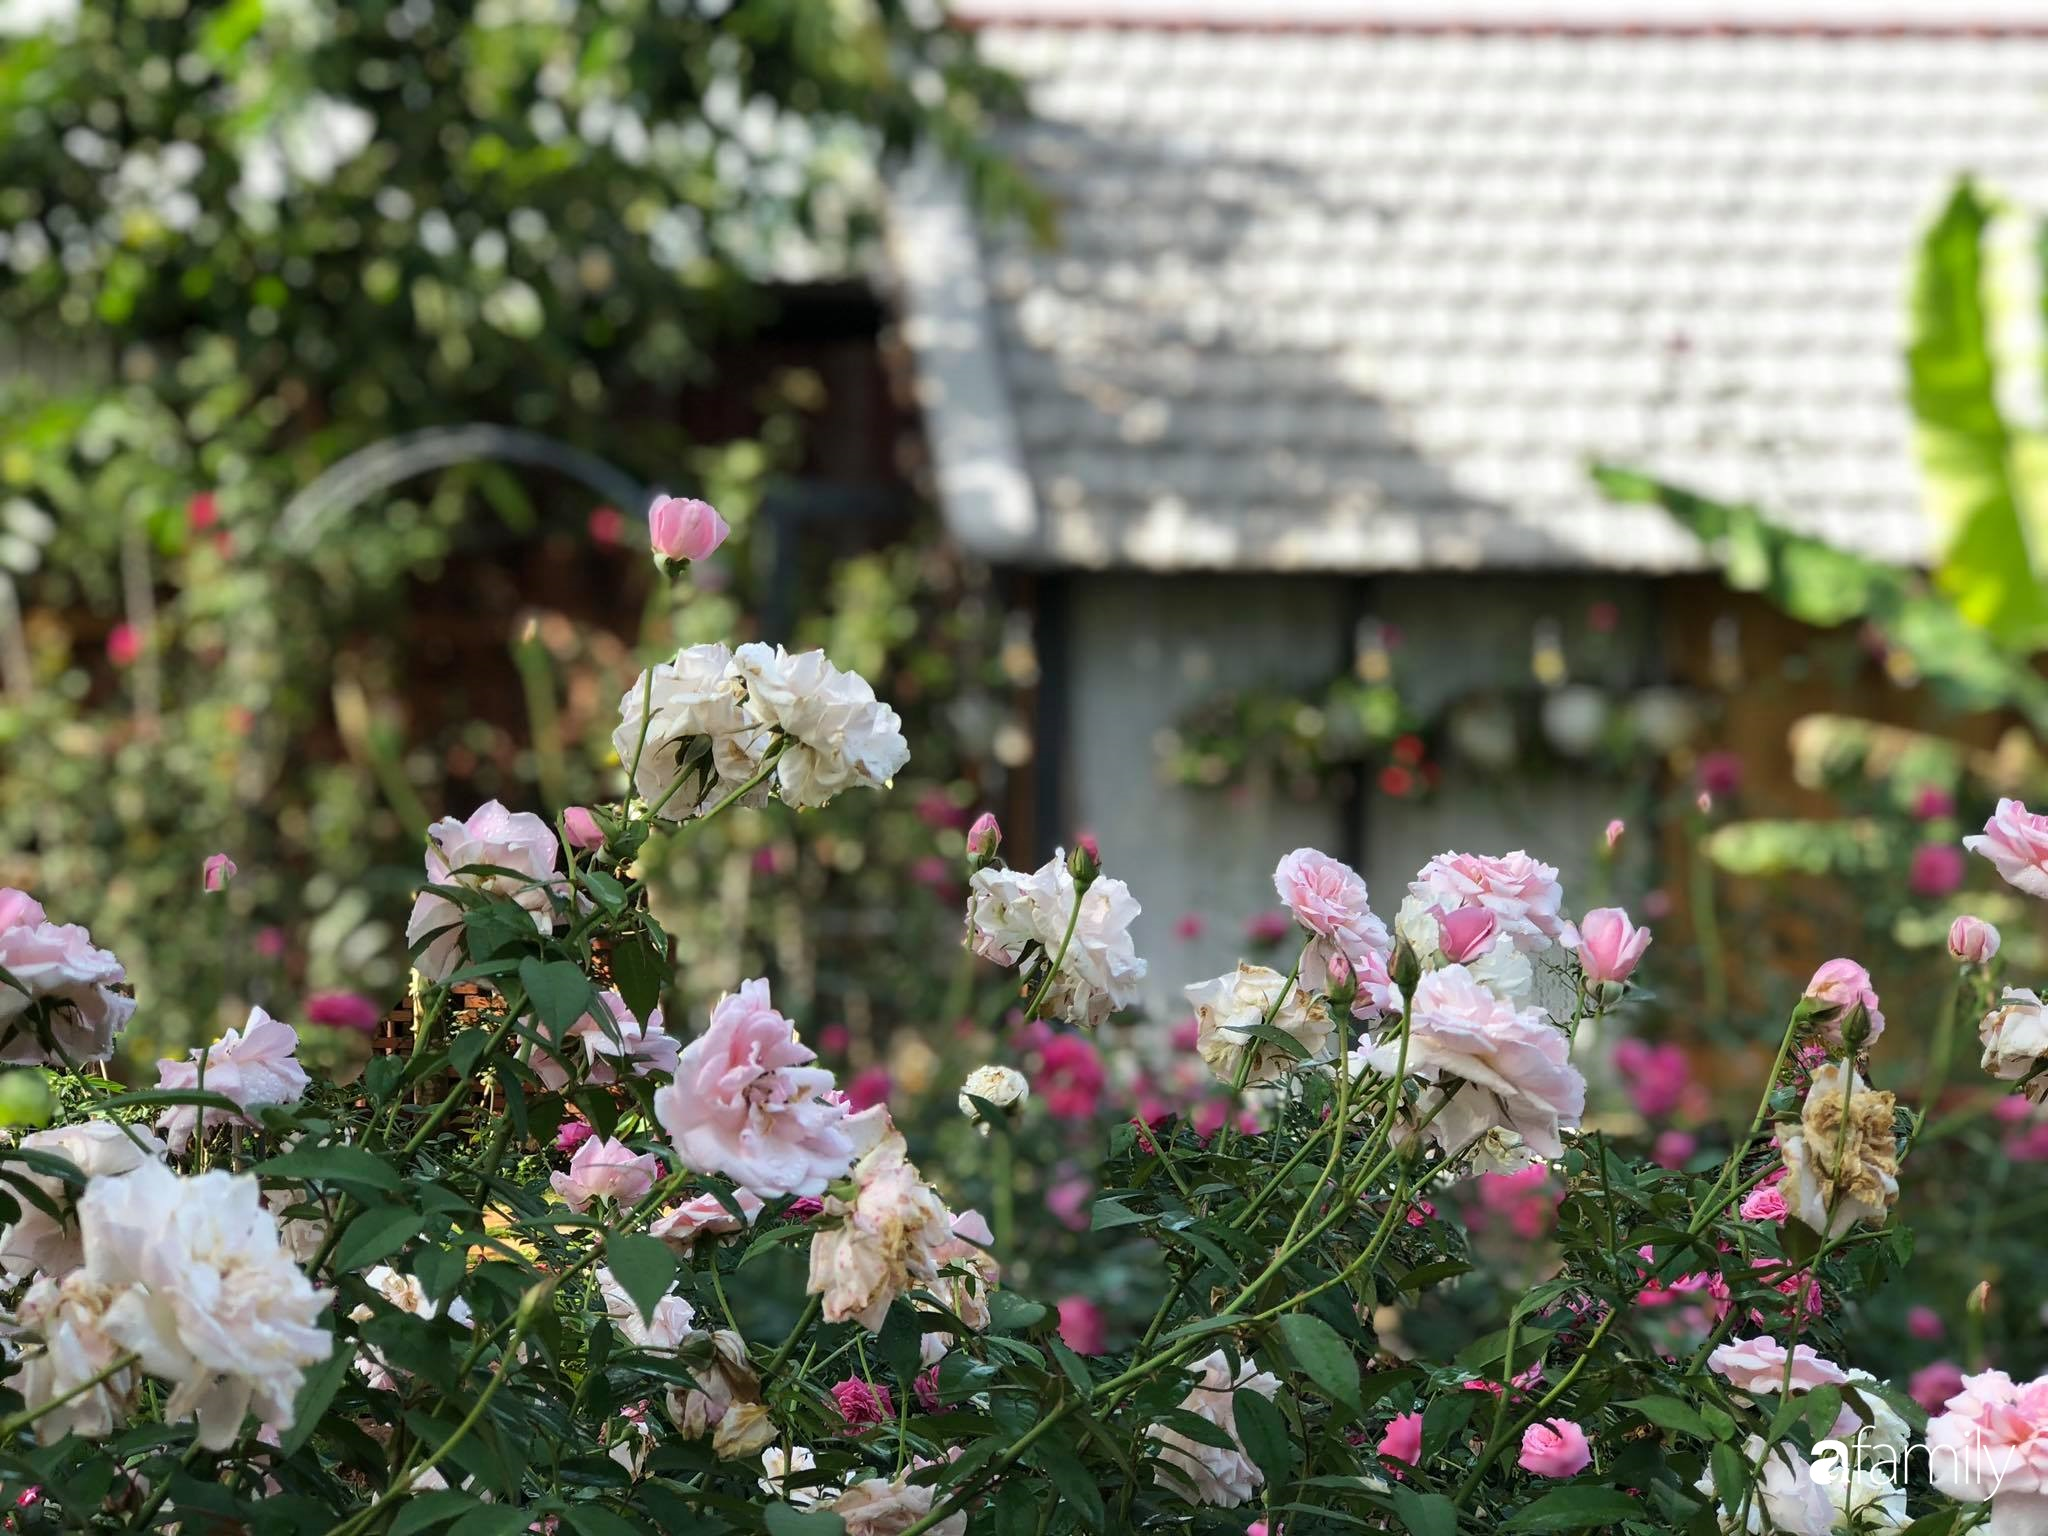 Khu vườn hoa hồng đẹp như cổ tích mà người chồng ngày đêm chăm sóc để tặng vợ con ở Vũng Tàu-25